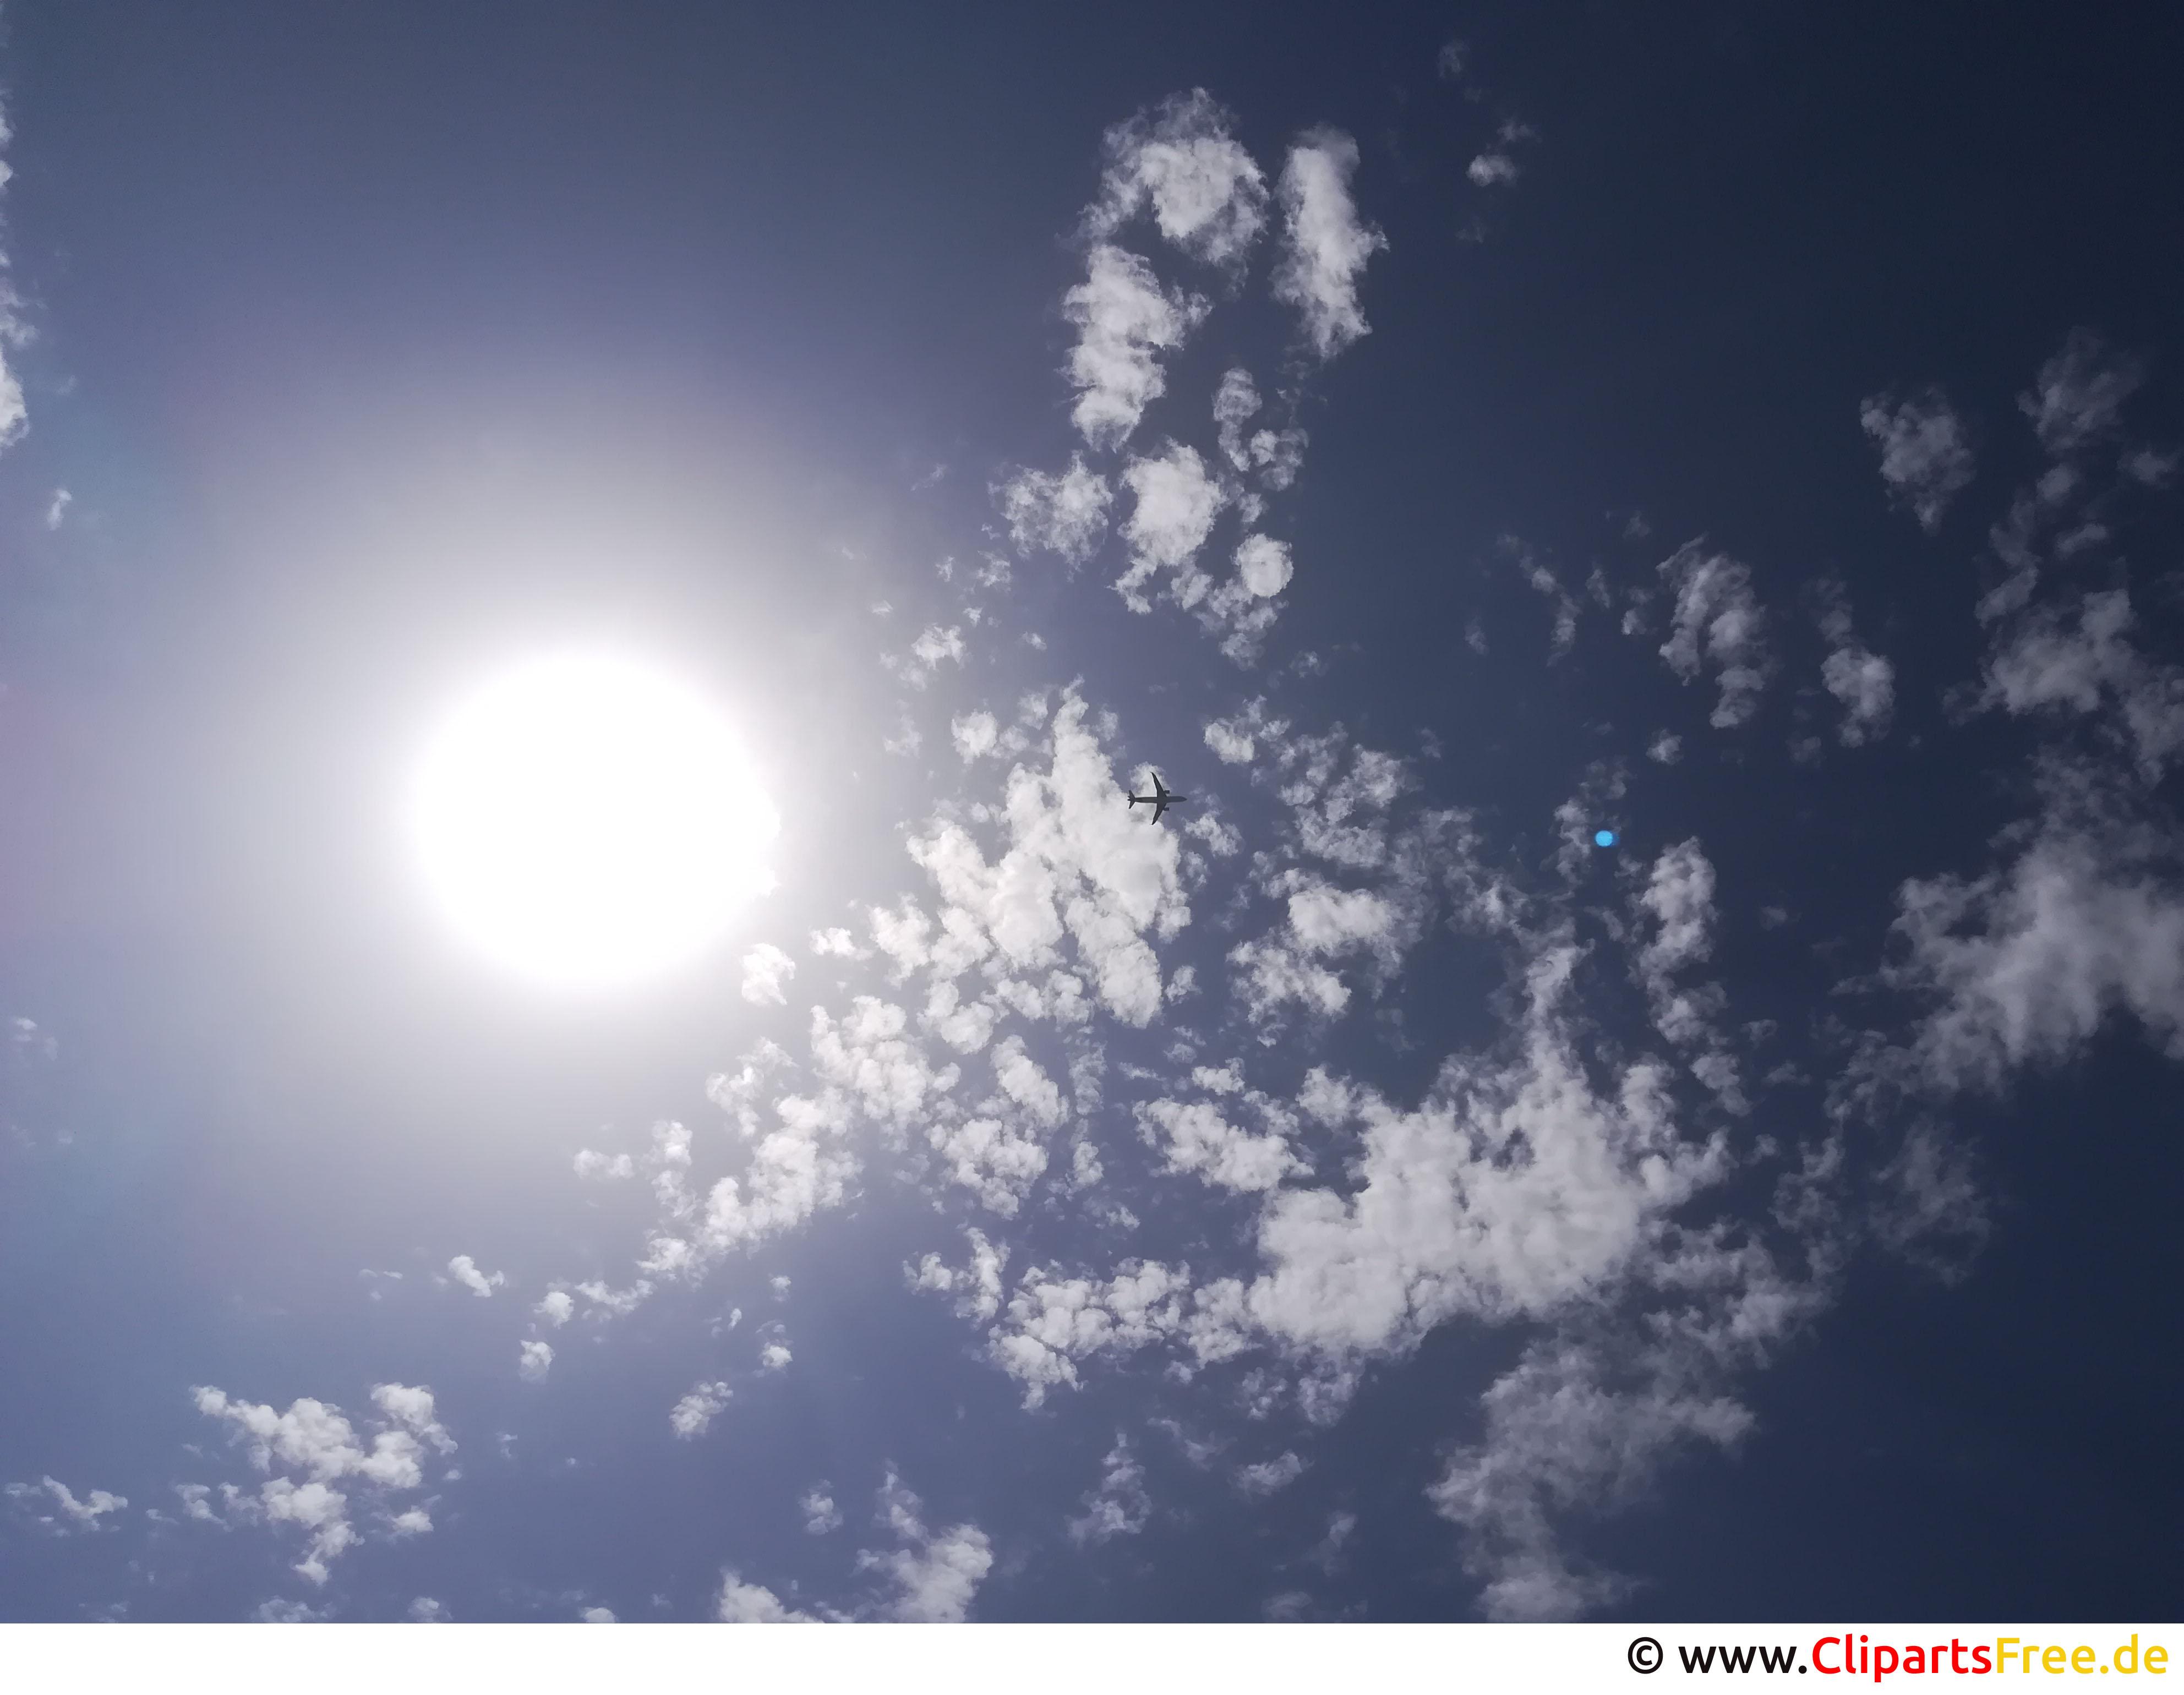 Flugzeug im Himmel Bild, Foto, Hintergrundbild kostenlos